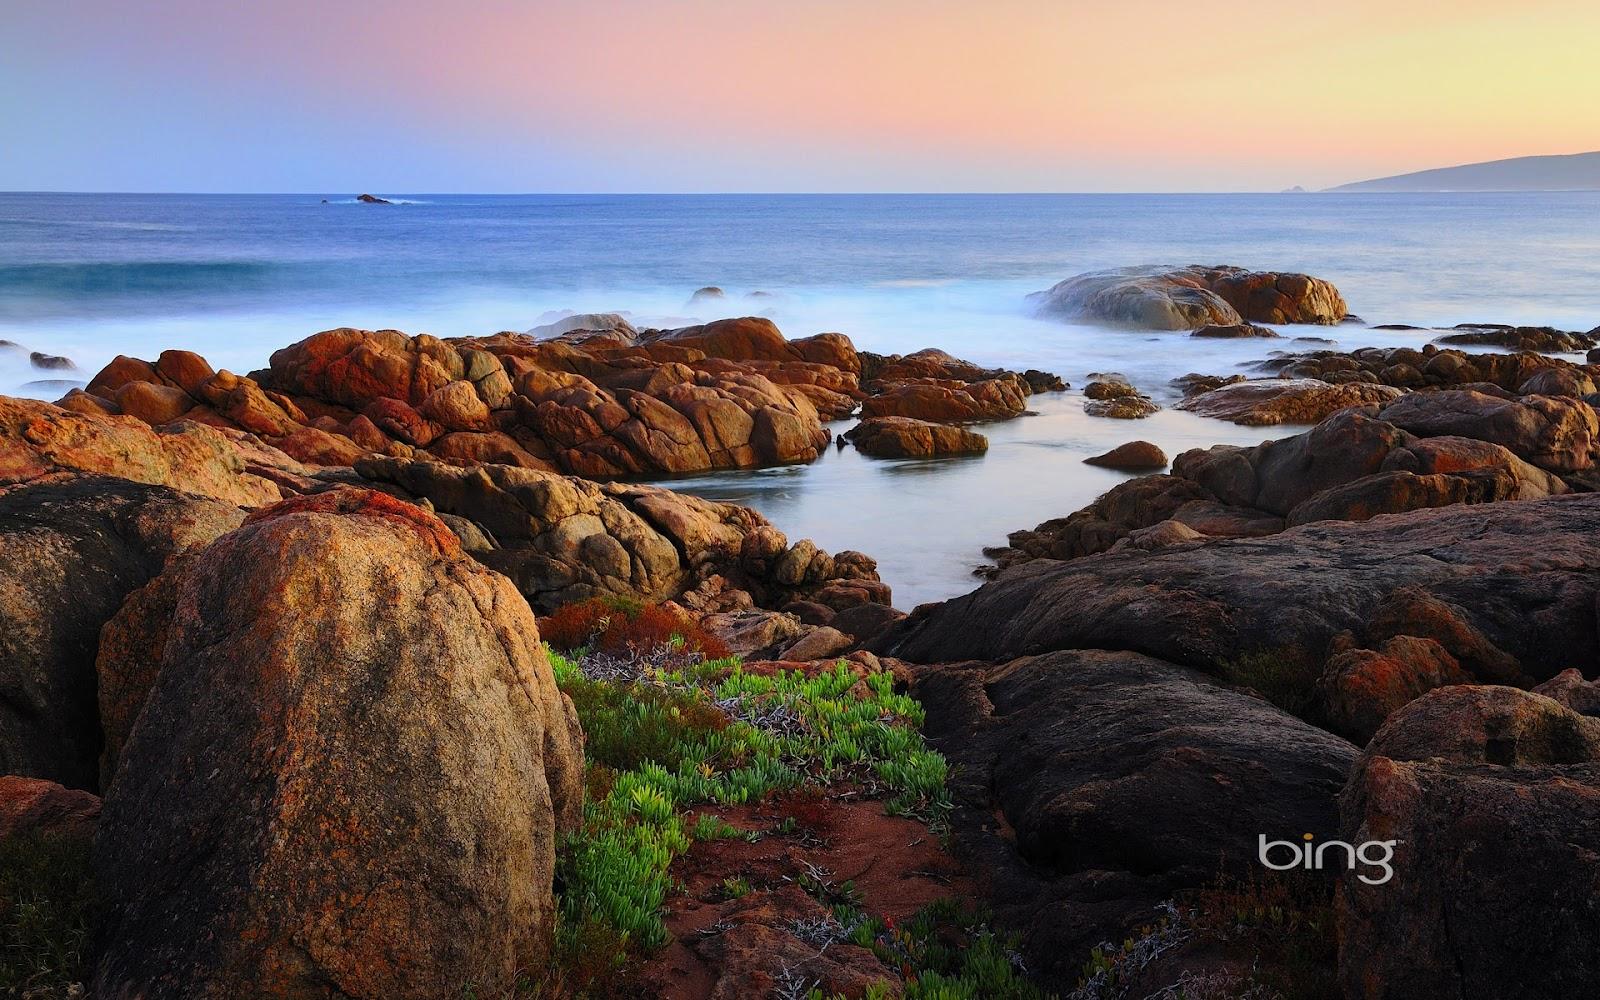 http://4.bp.blogspot.com/-HrlxhDVH49U/UEhXbF8lp5I/AAAAAAAAA3M/FJg90Lq2pII/s1600/canal-rocks-full-HD-nature-background-wallpaper-for-laptop-widescreen.jpg